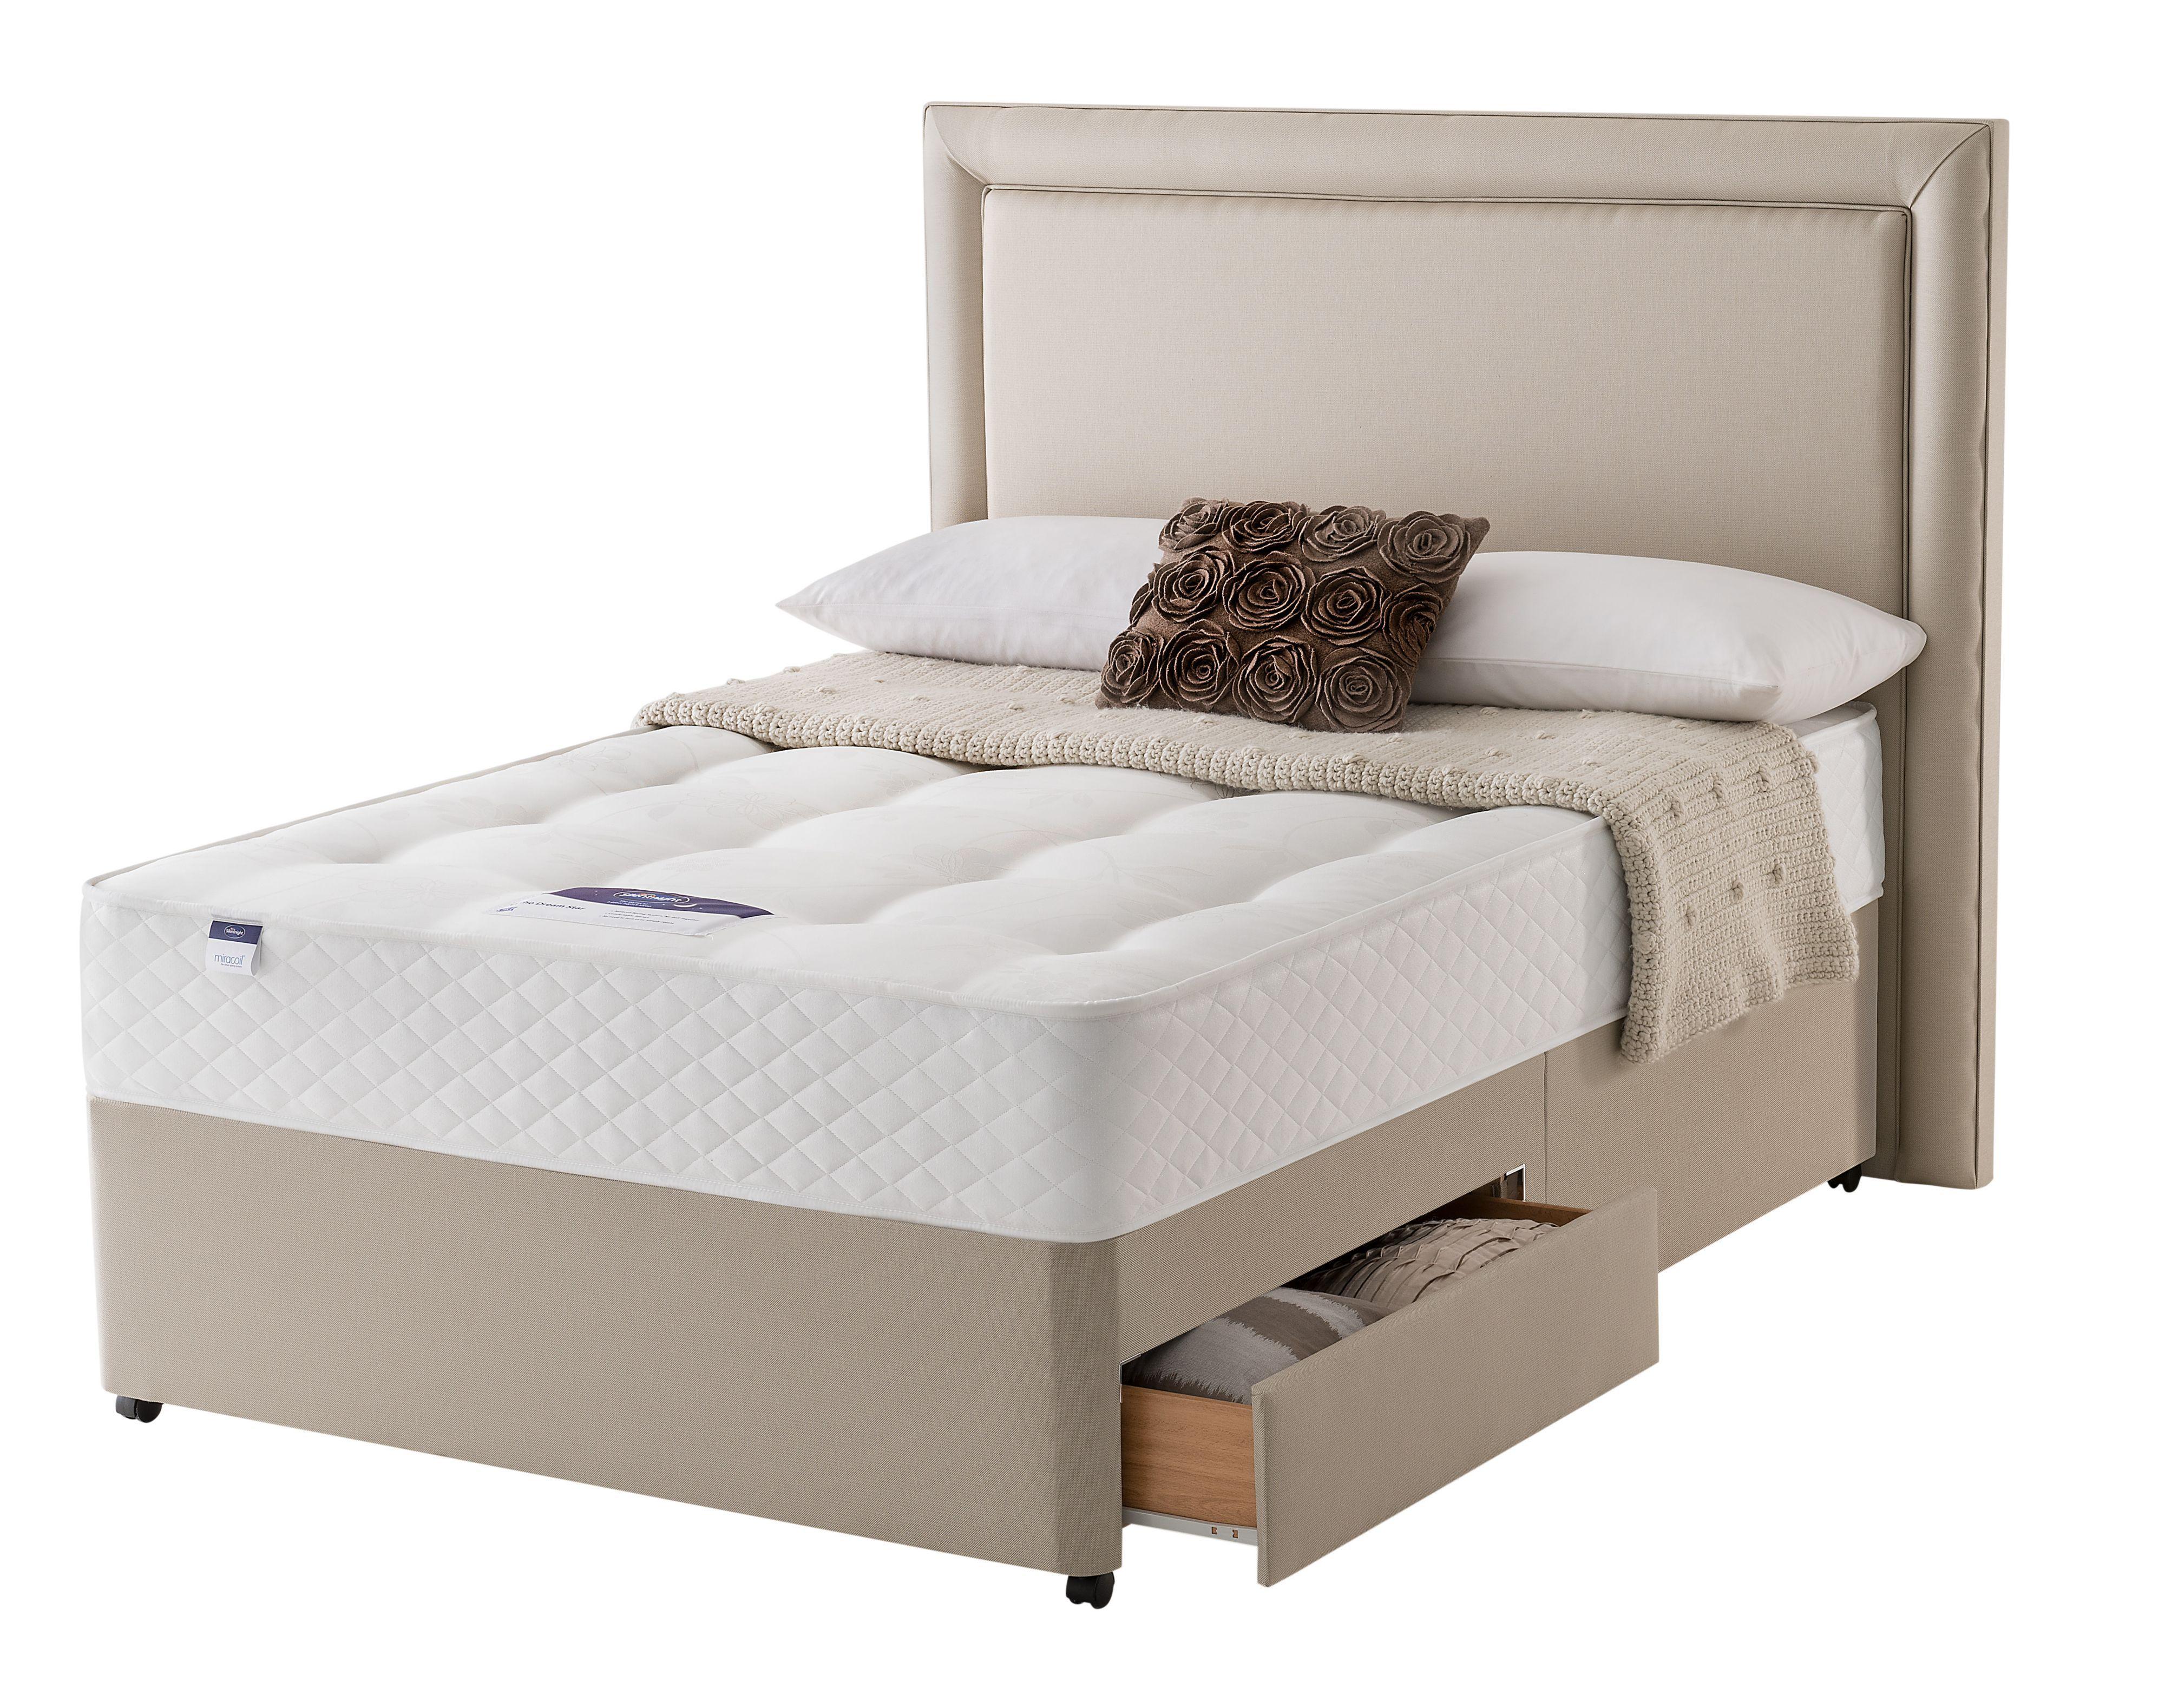 Silentnight ortho king size 2 drawer divan bed for Divan 2 2 drawers